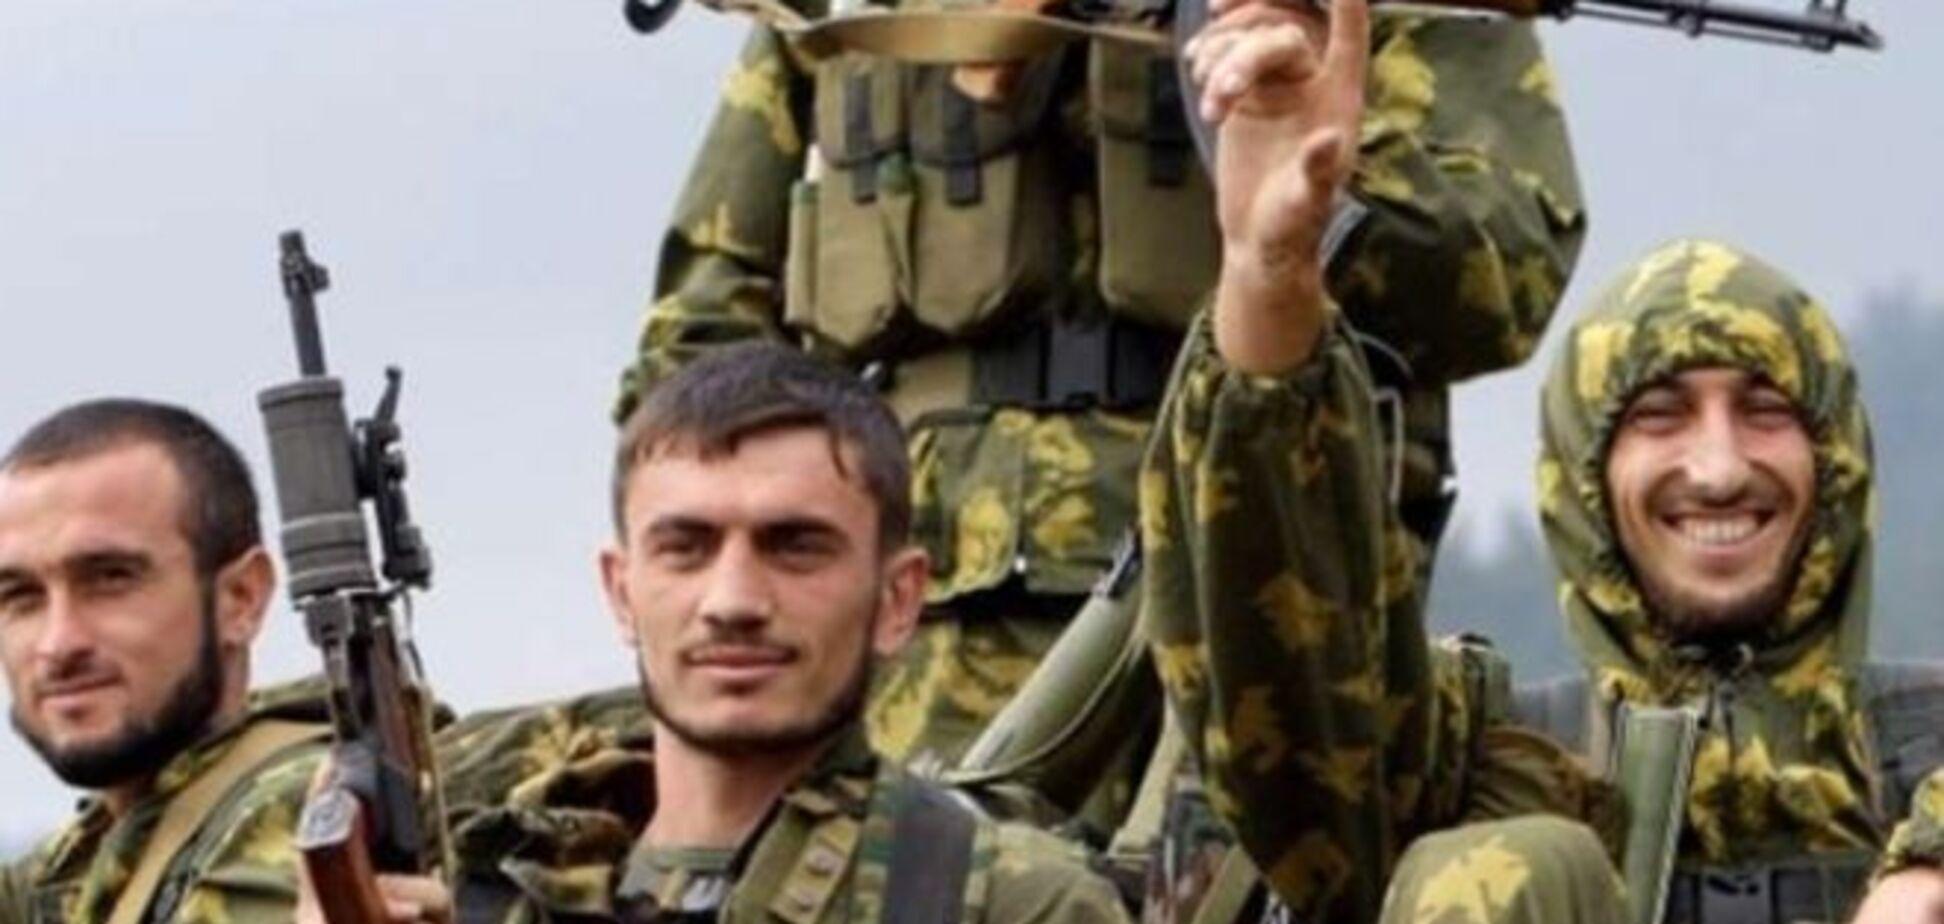 Кадыровцы покинули оккупированный Донбасс - СМИ